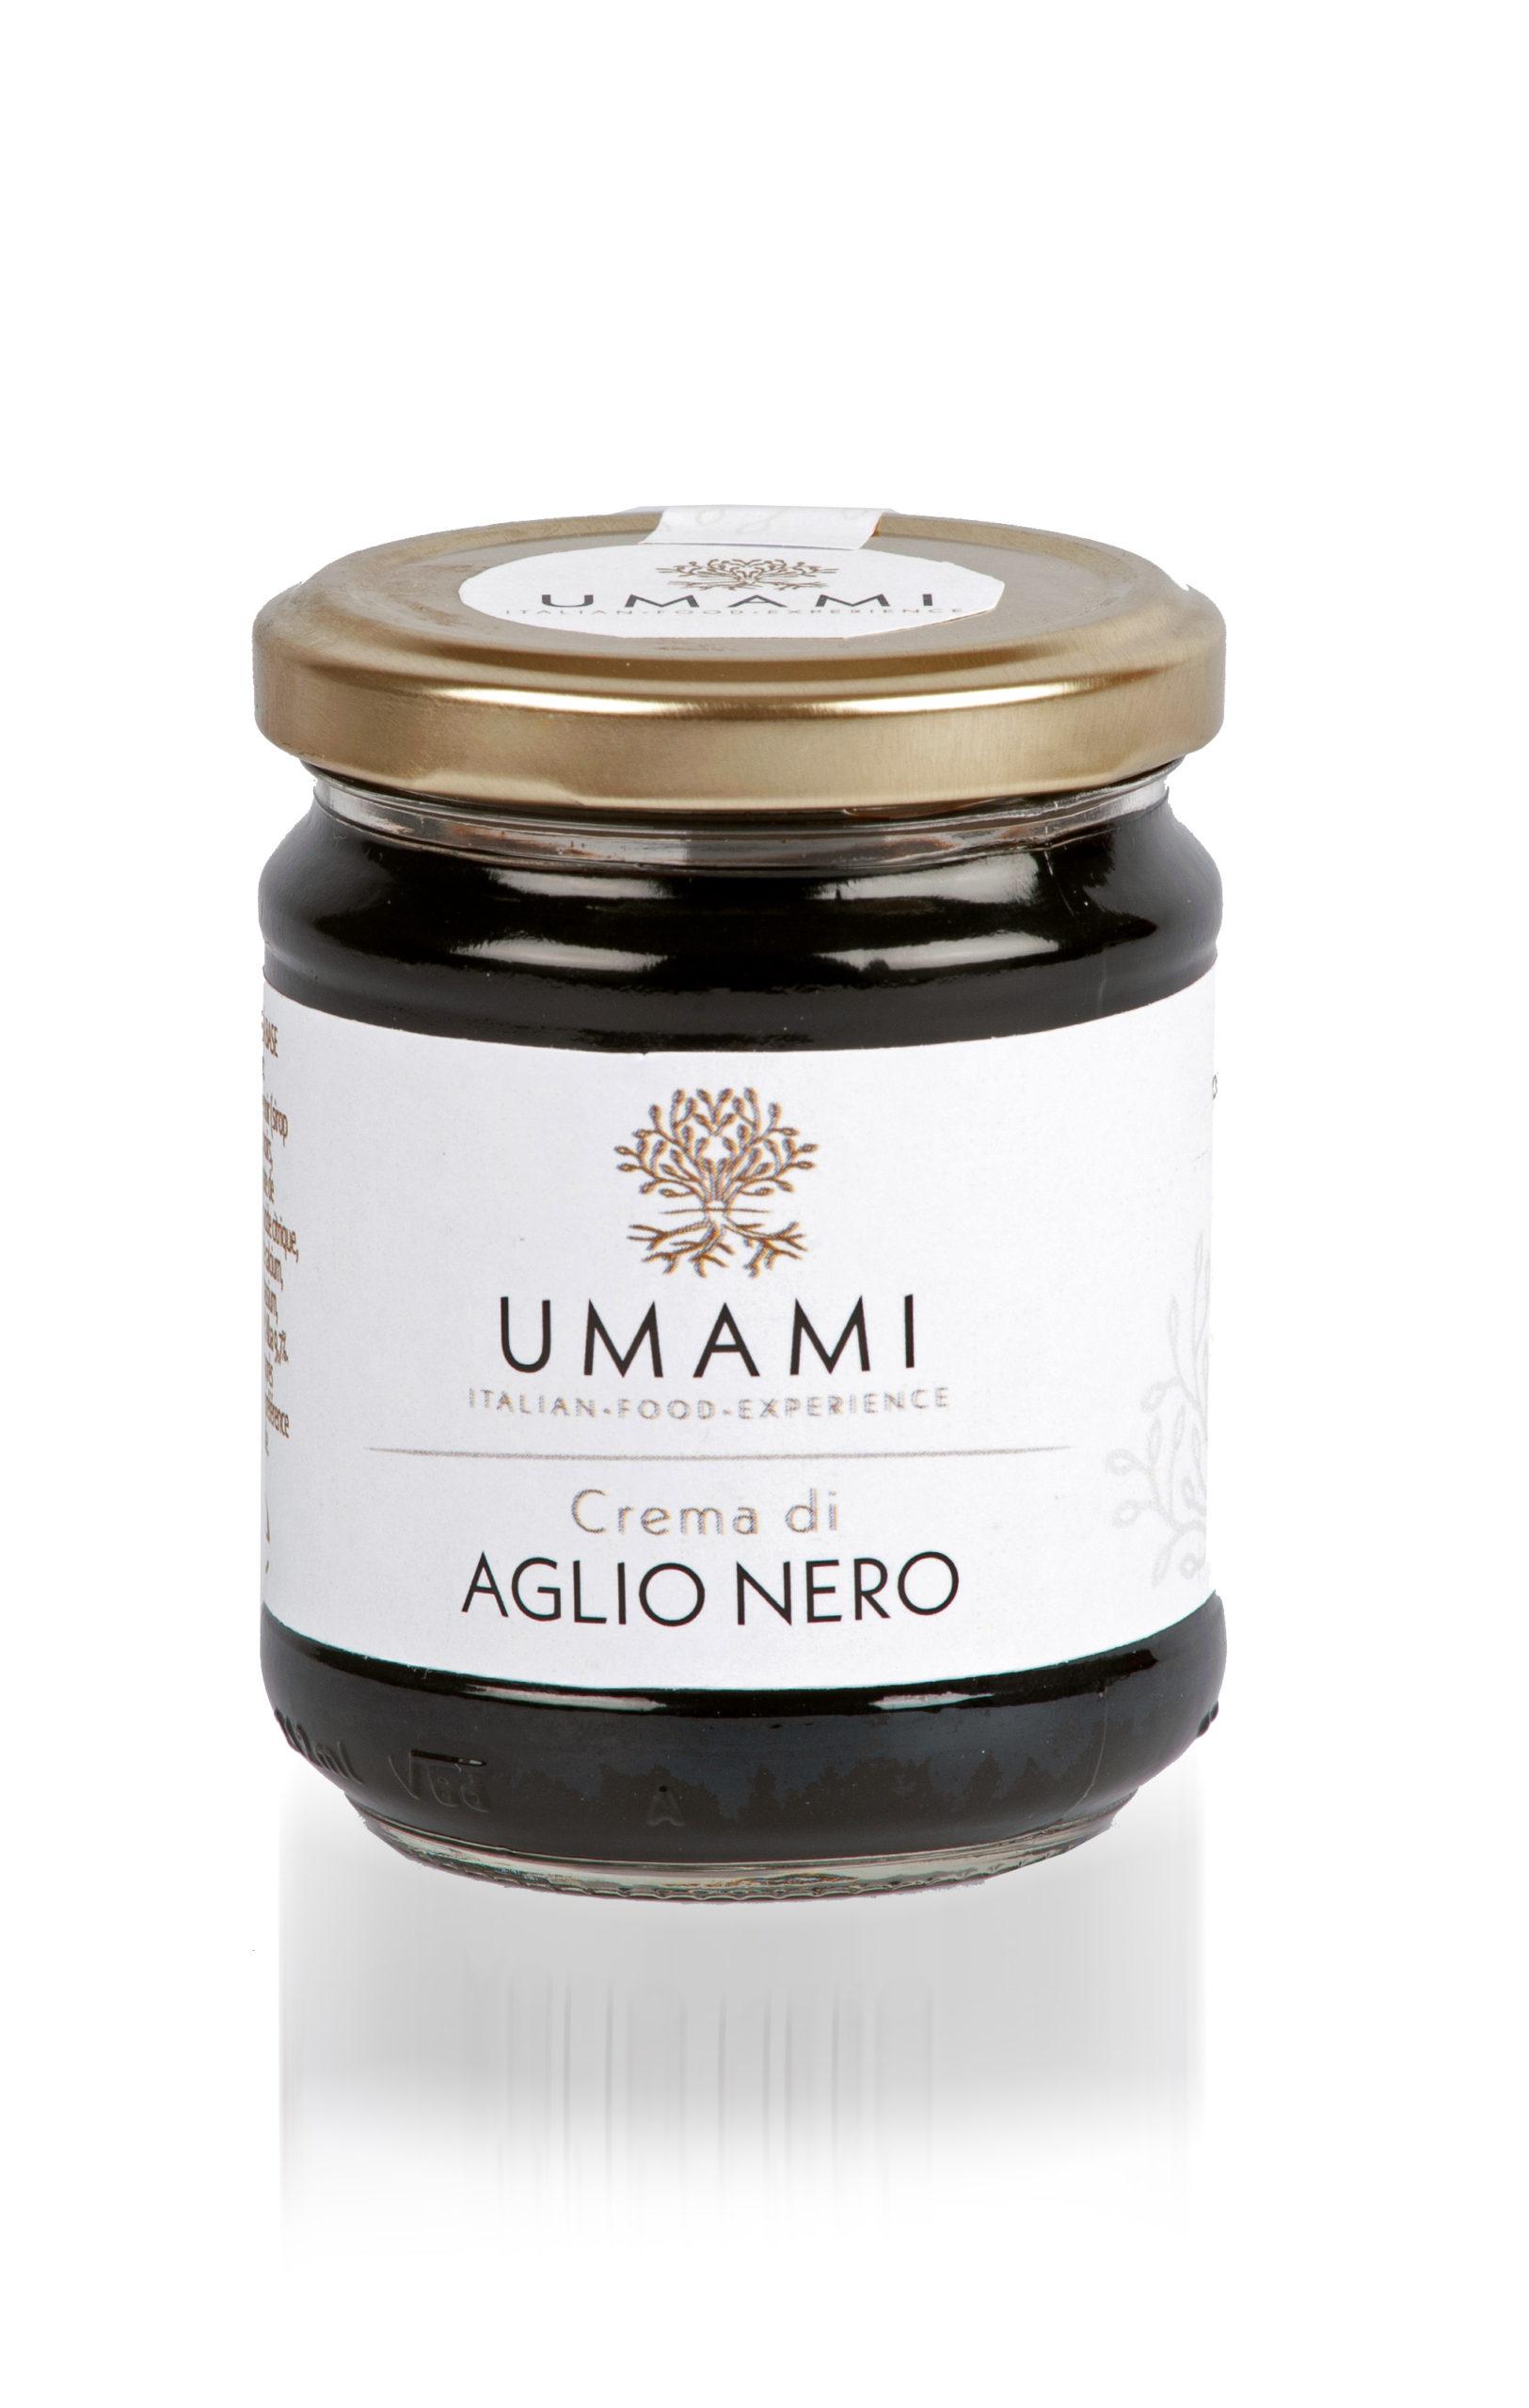 crema di aglio nero